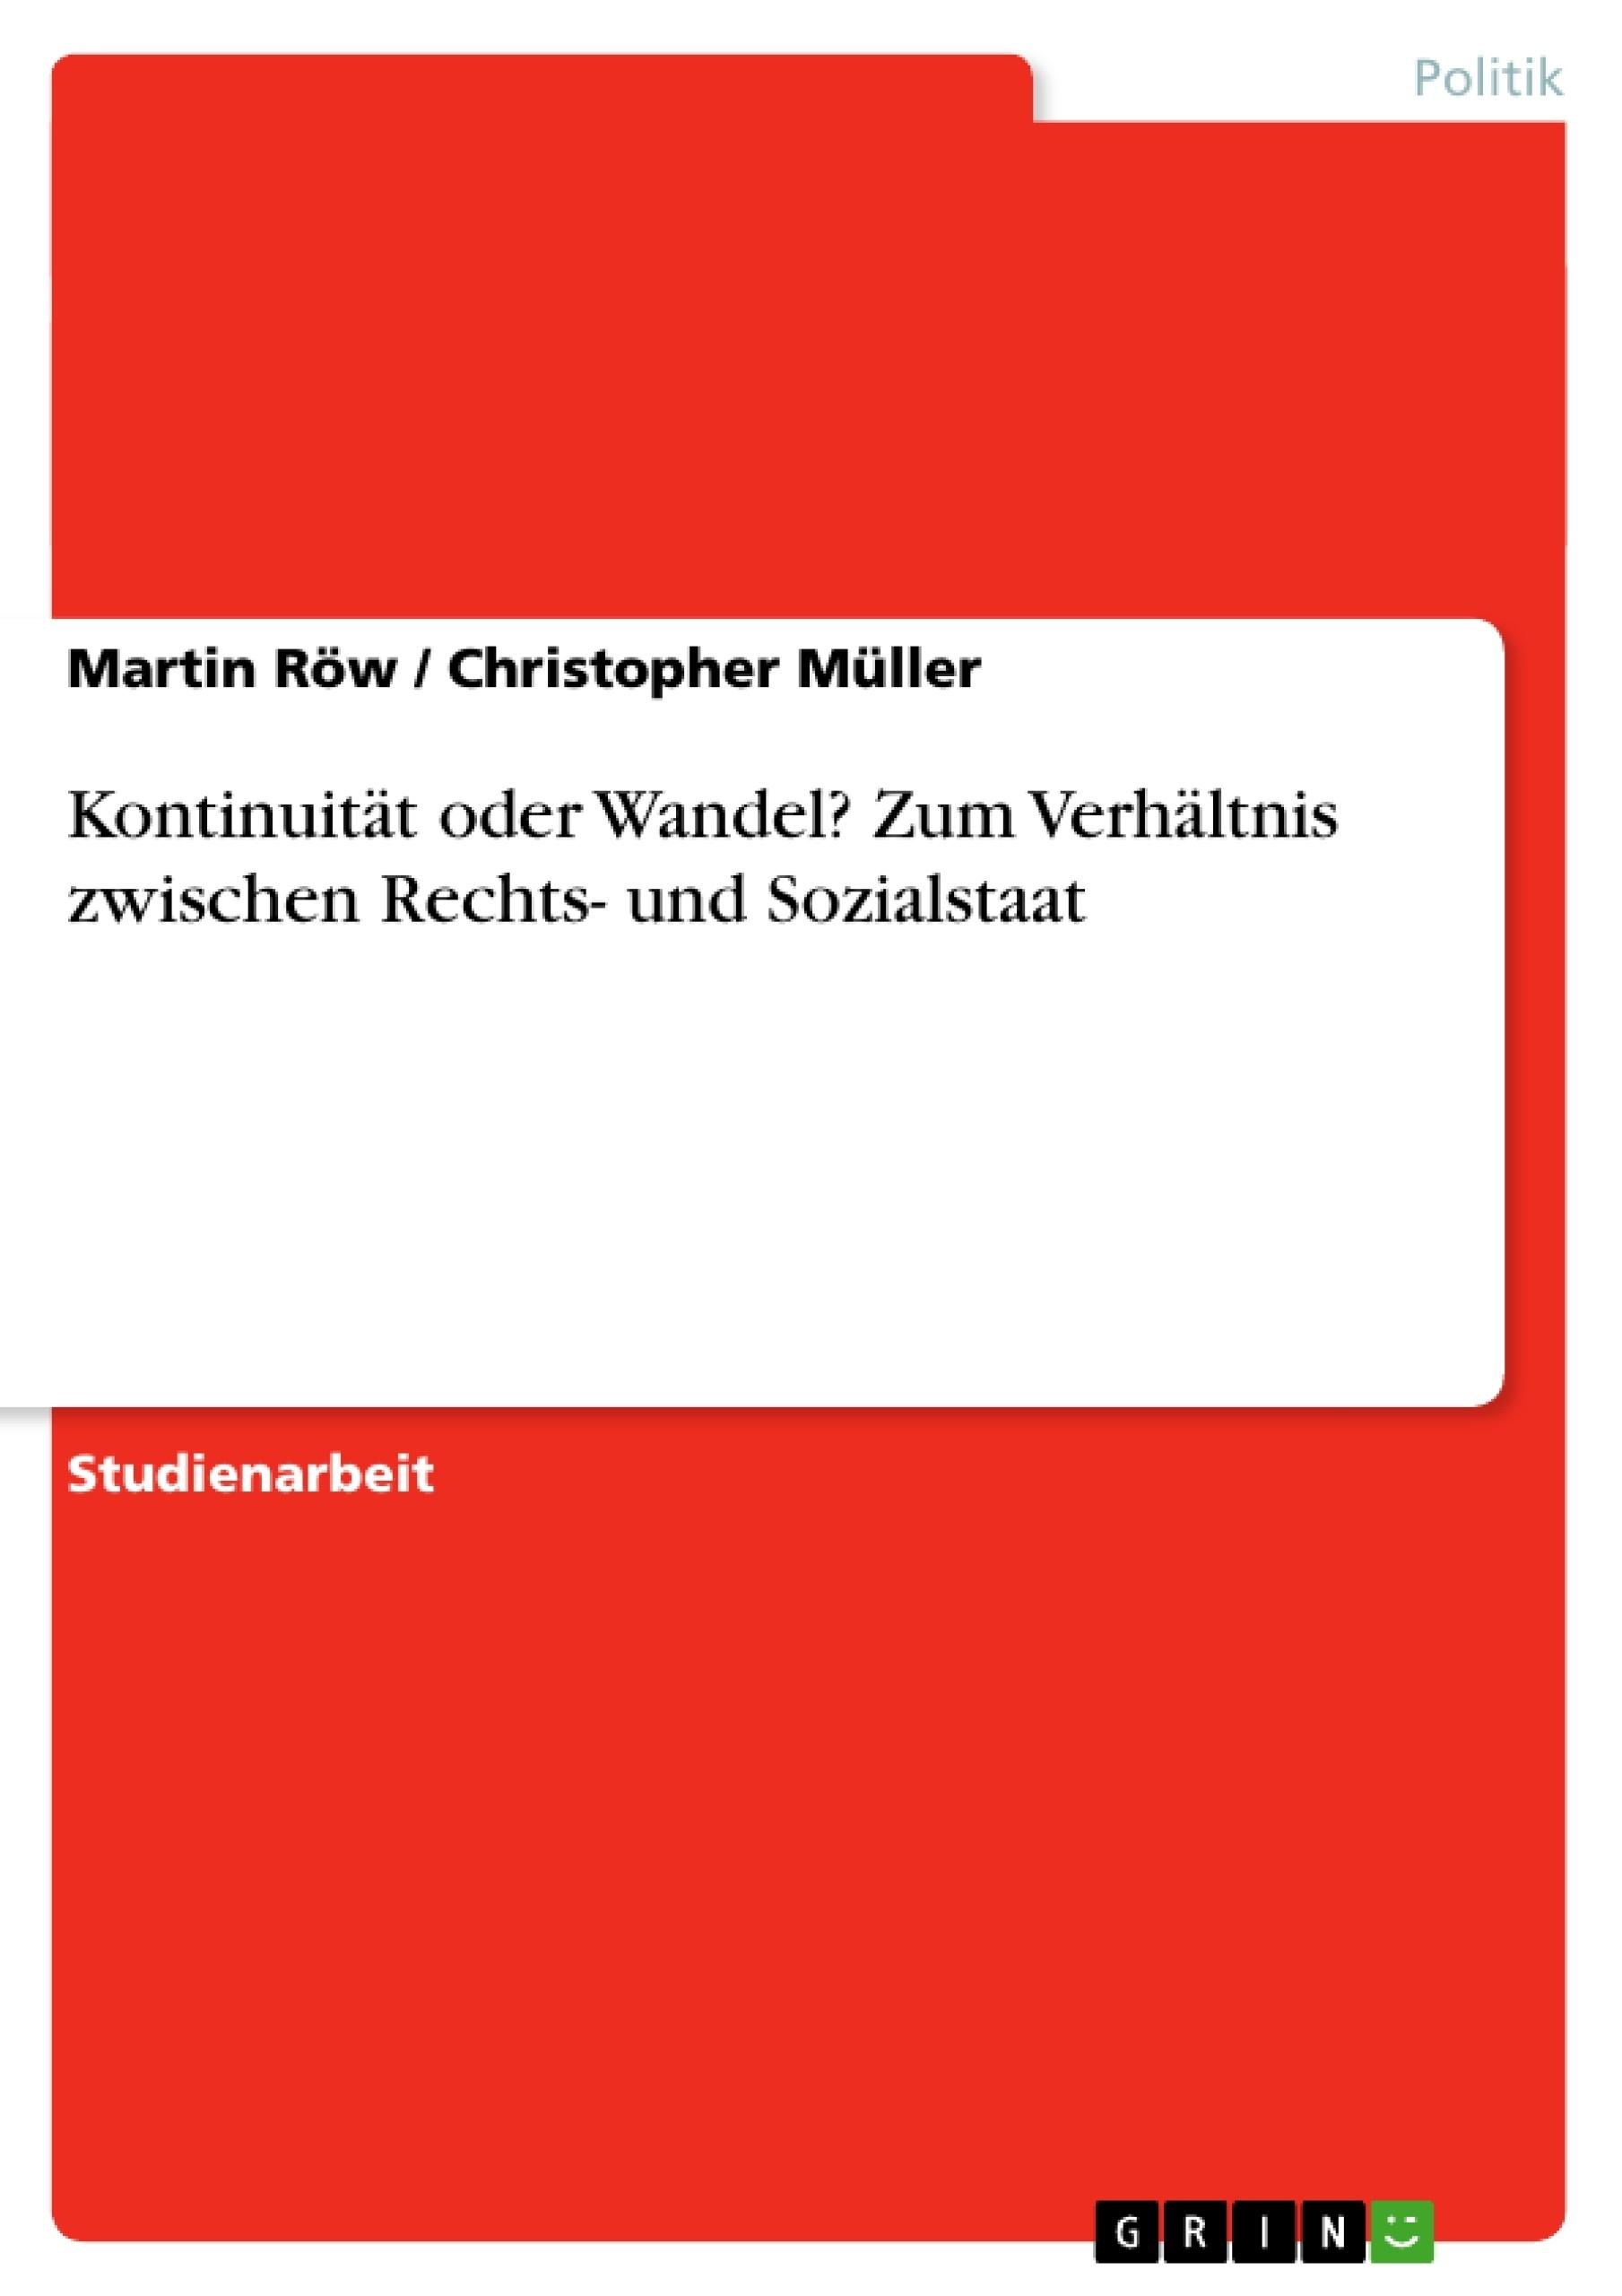 Titel: Kontinuität oder Wandel? Zum Verhältnis zwischen Rechts- und Sozialstaat